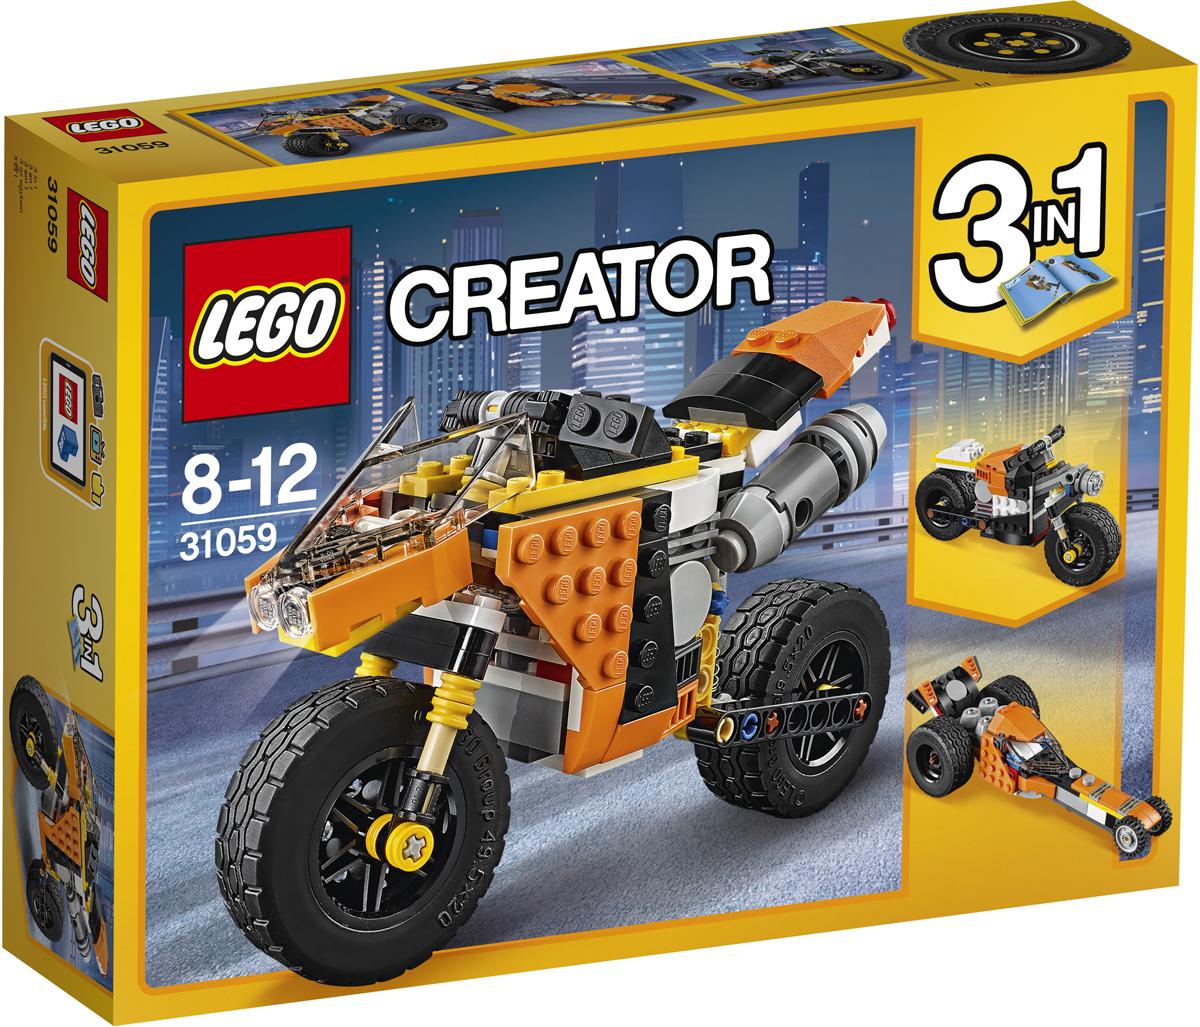 LEGO Creator Конструктор Оранжевый мотоцикл 3105931059Прокатись на удивительном Оранжевом уличном мотоцикле 3 в 1, выполненном в апельсиновой гамме с деталями чёрного и белого цвета, с реалистичным двигателем, экстра-широкими резиновыми шинами с высоко установленными брызговиками, действующей пружинной подвеской и узнаваемым спортивным дизайном. Посмотри, как точно выполнена выхлопная труба, лобовое стекло и руль. Скорее запрыгивай на него и в путь! Трансформируется в Шоссейный велосипед или Драгстер!